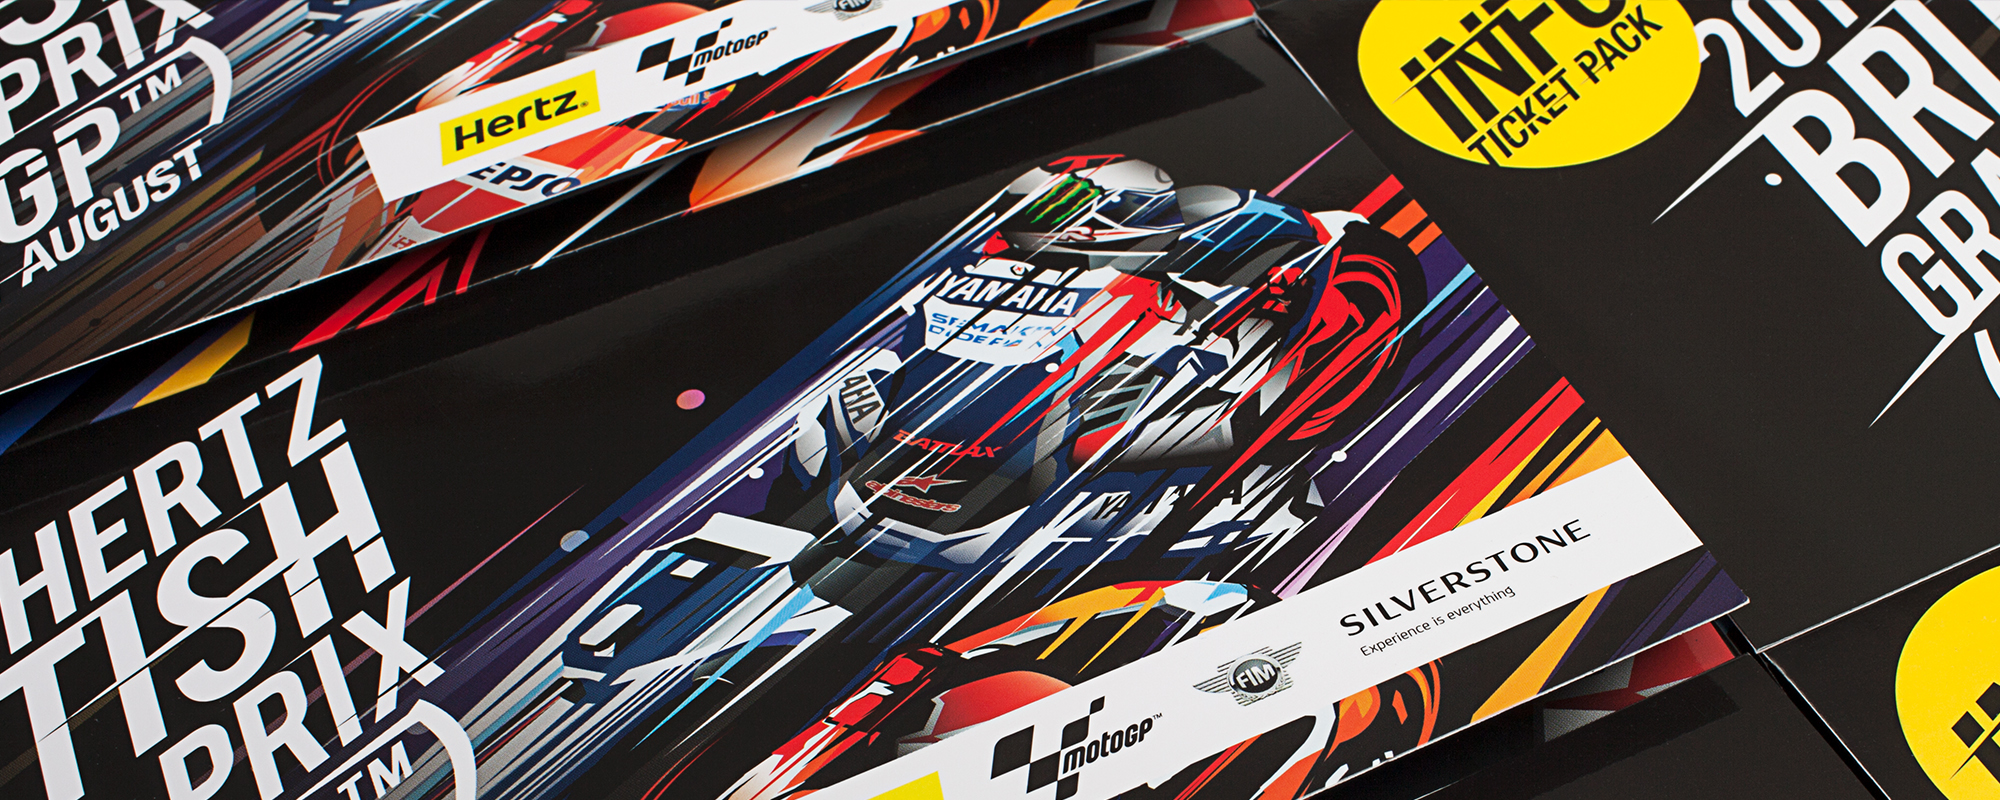 MotoGP_CaseStudies_BANNER_1.jpg